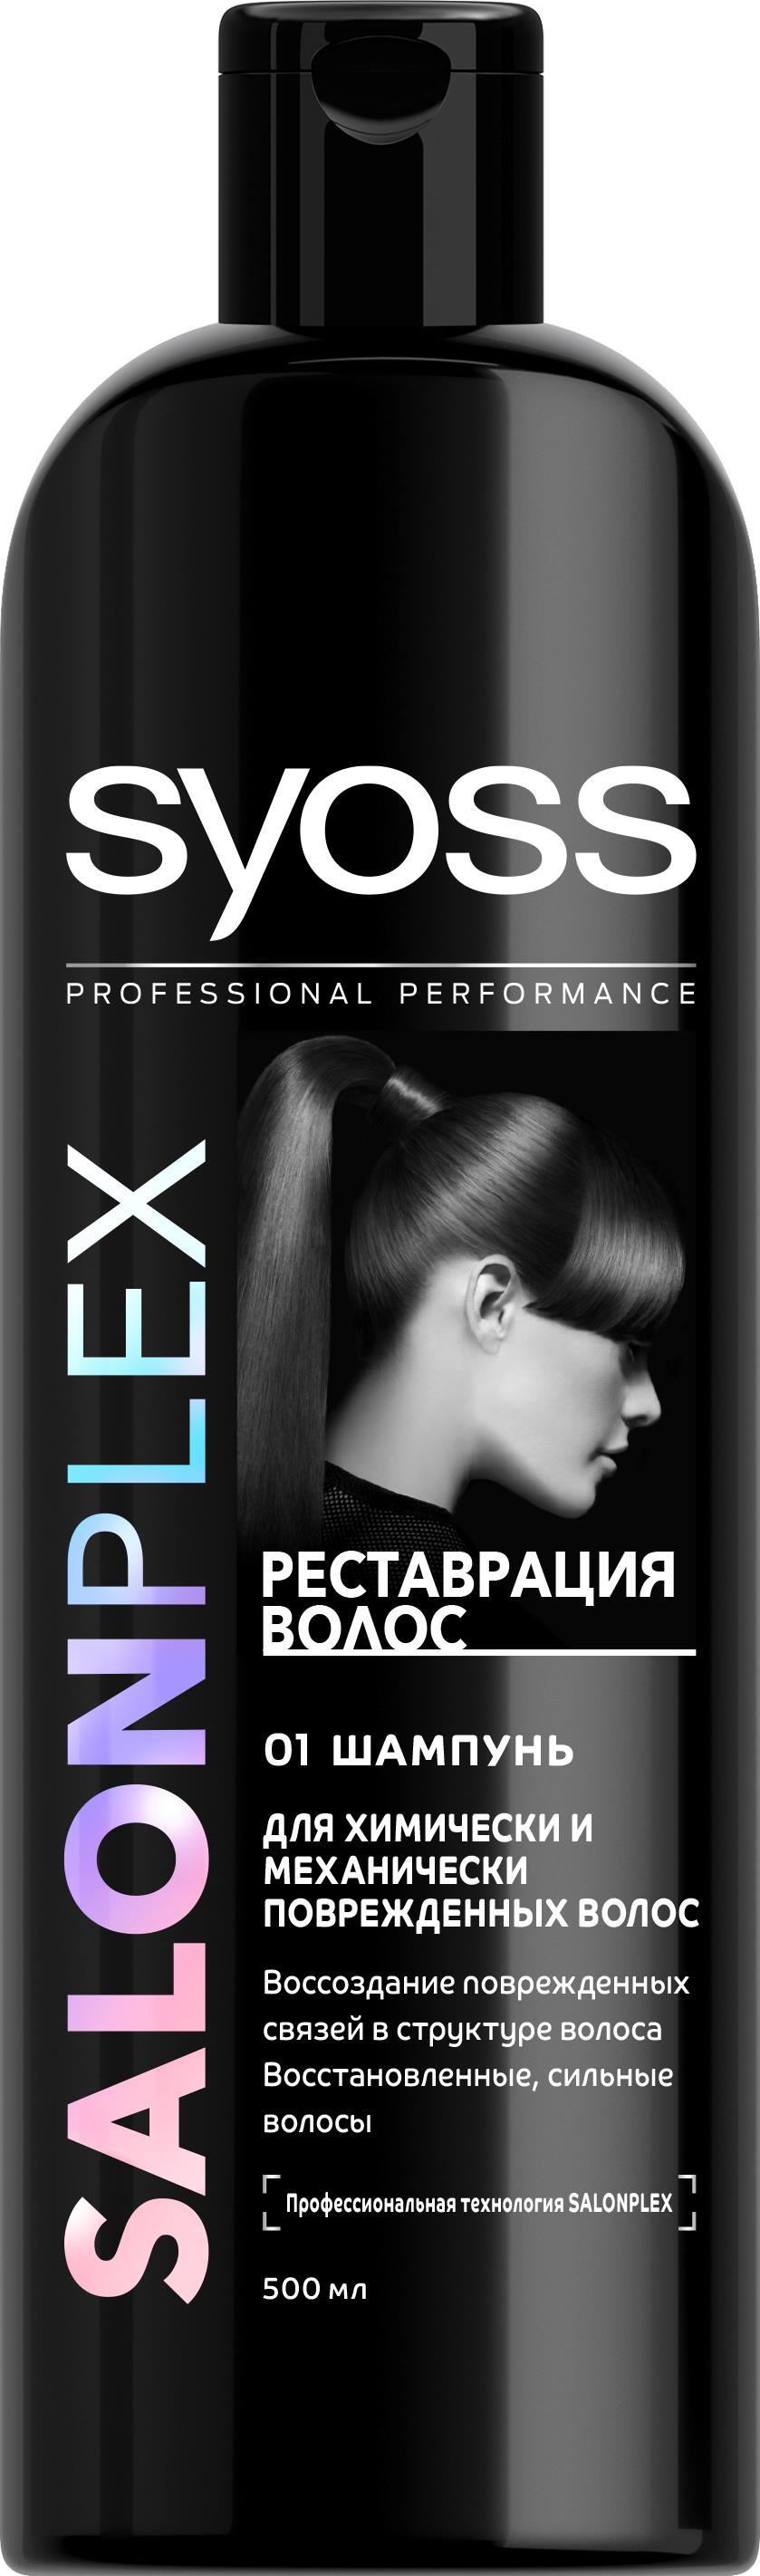 Syoss Salonplex Реставрация волос шампунь для химически и механически поврежденных волос 500 мл syoss salonplex реставрация волос шампунь для химически и механически поврежденных волос 500 мл